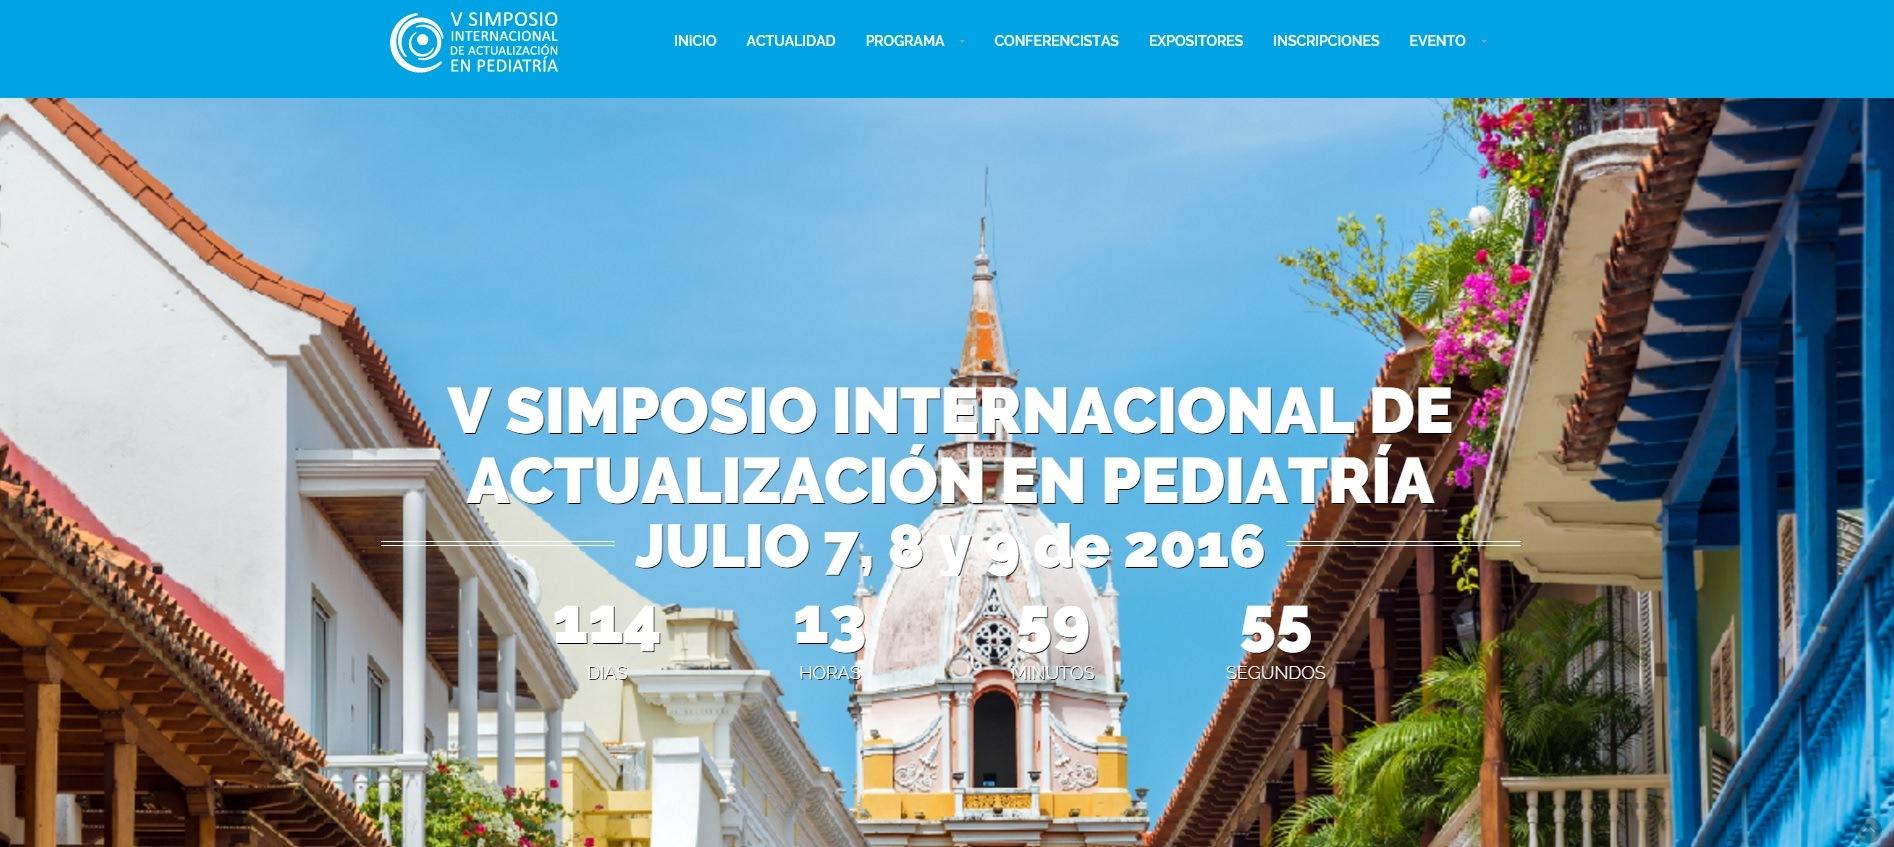 V Simposio Internacional de Actualización en Pediatría: importante cita académica y profesional en 2016